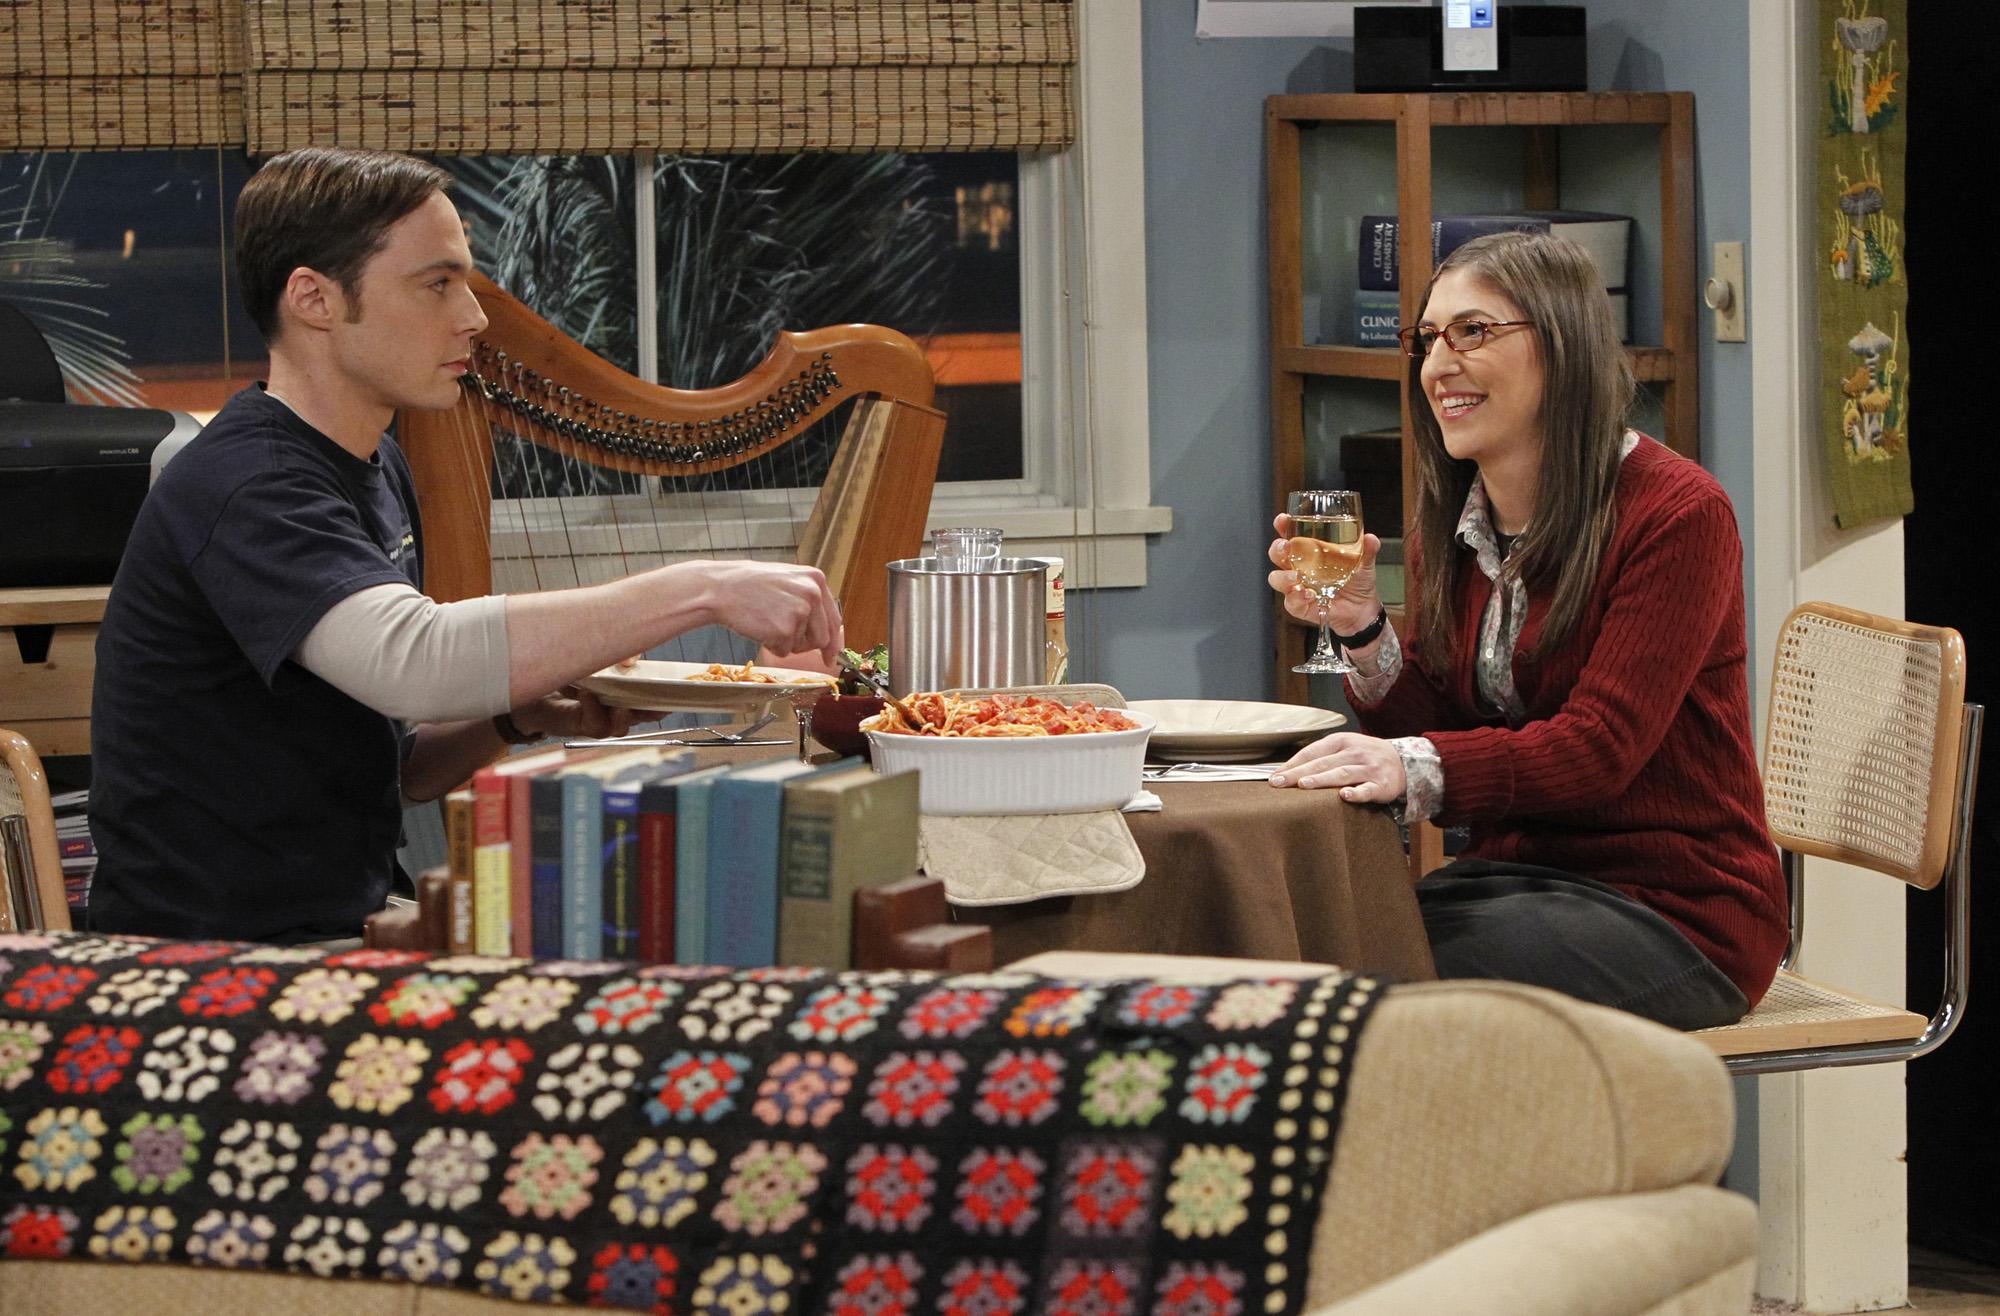 Jim Parsons and Mayim Biaik in 'The Big Bang Theory'